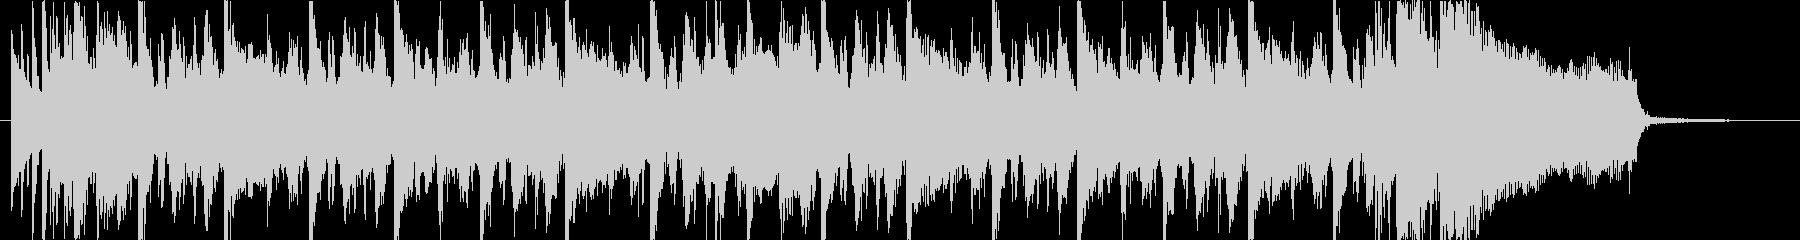 スラップとギターのファンキーなジングルの未再生の波形